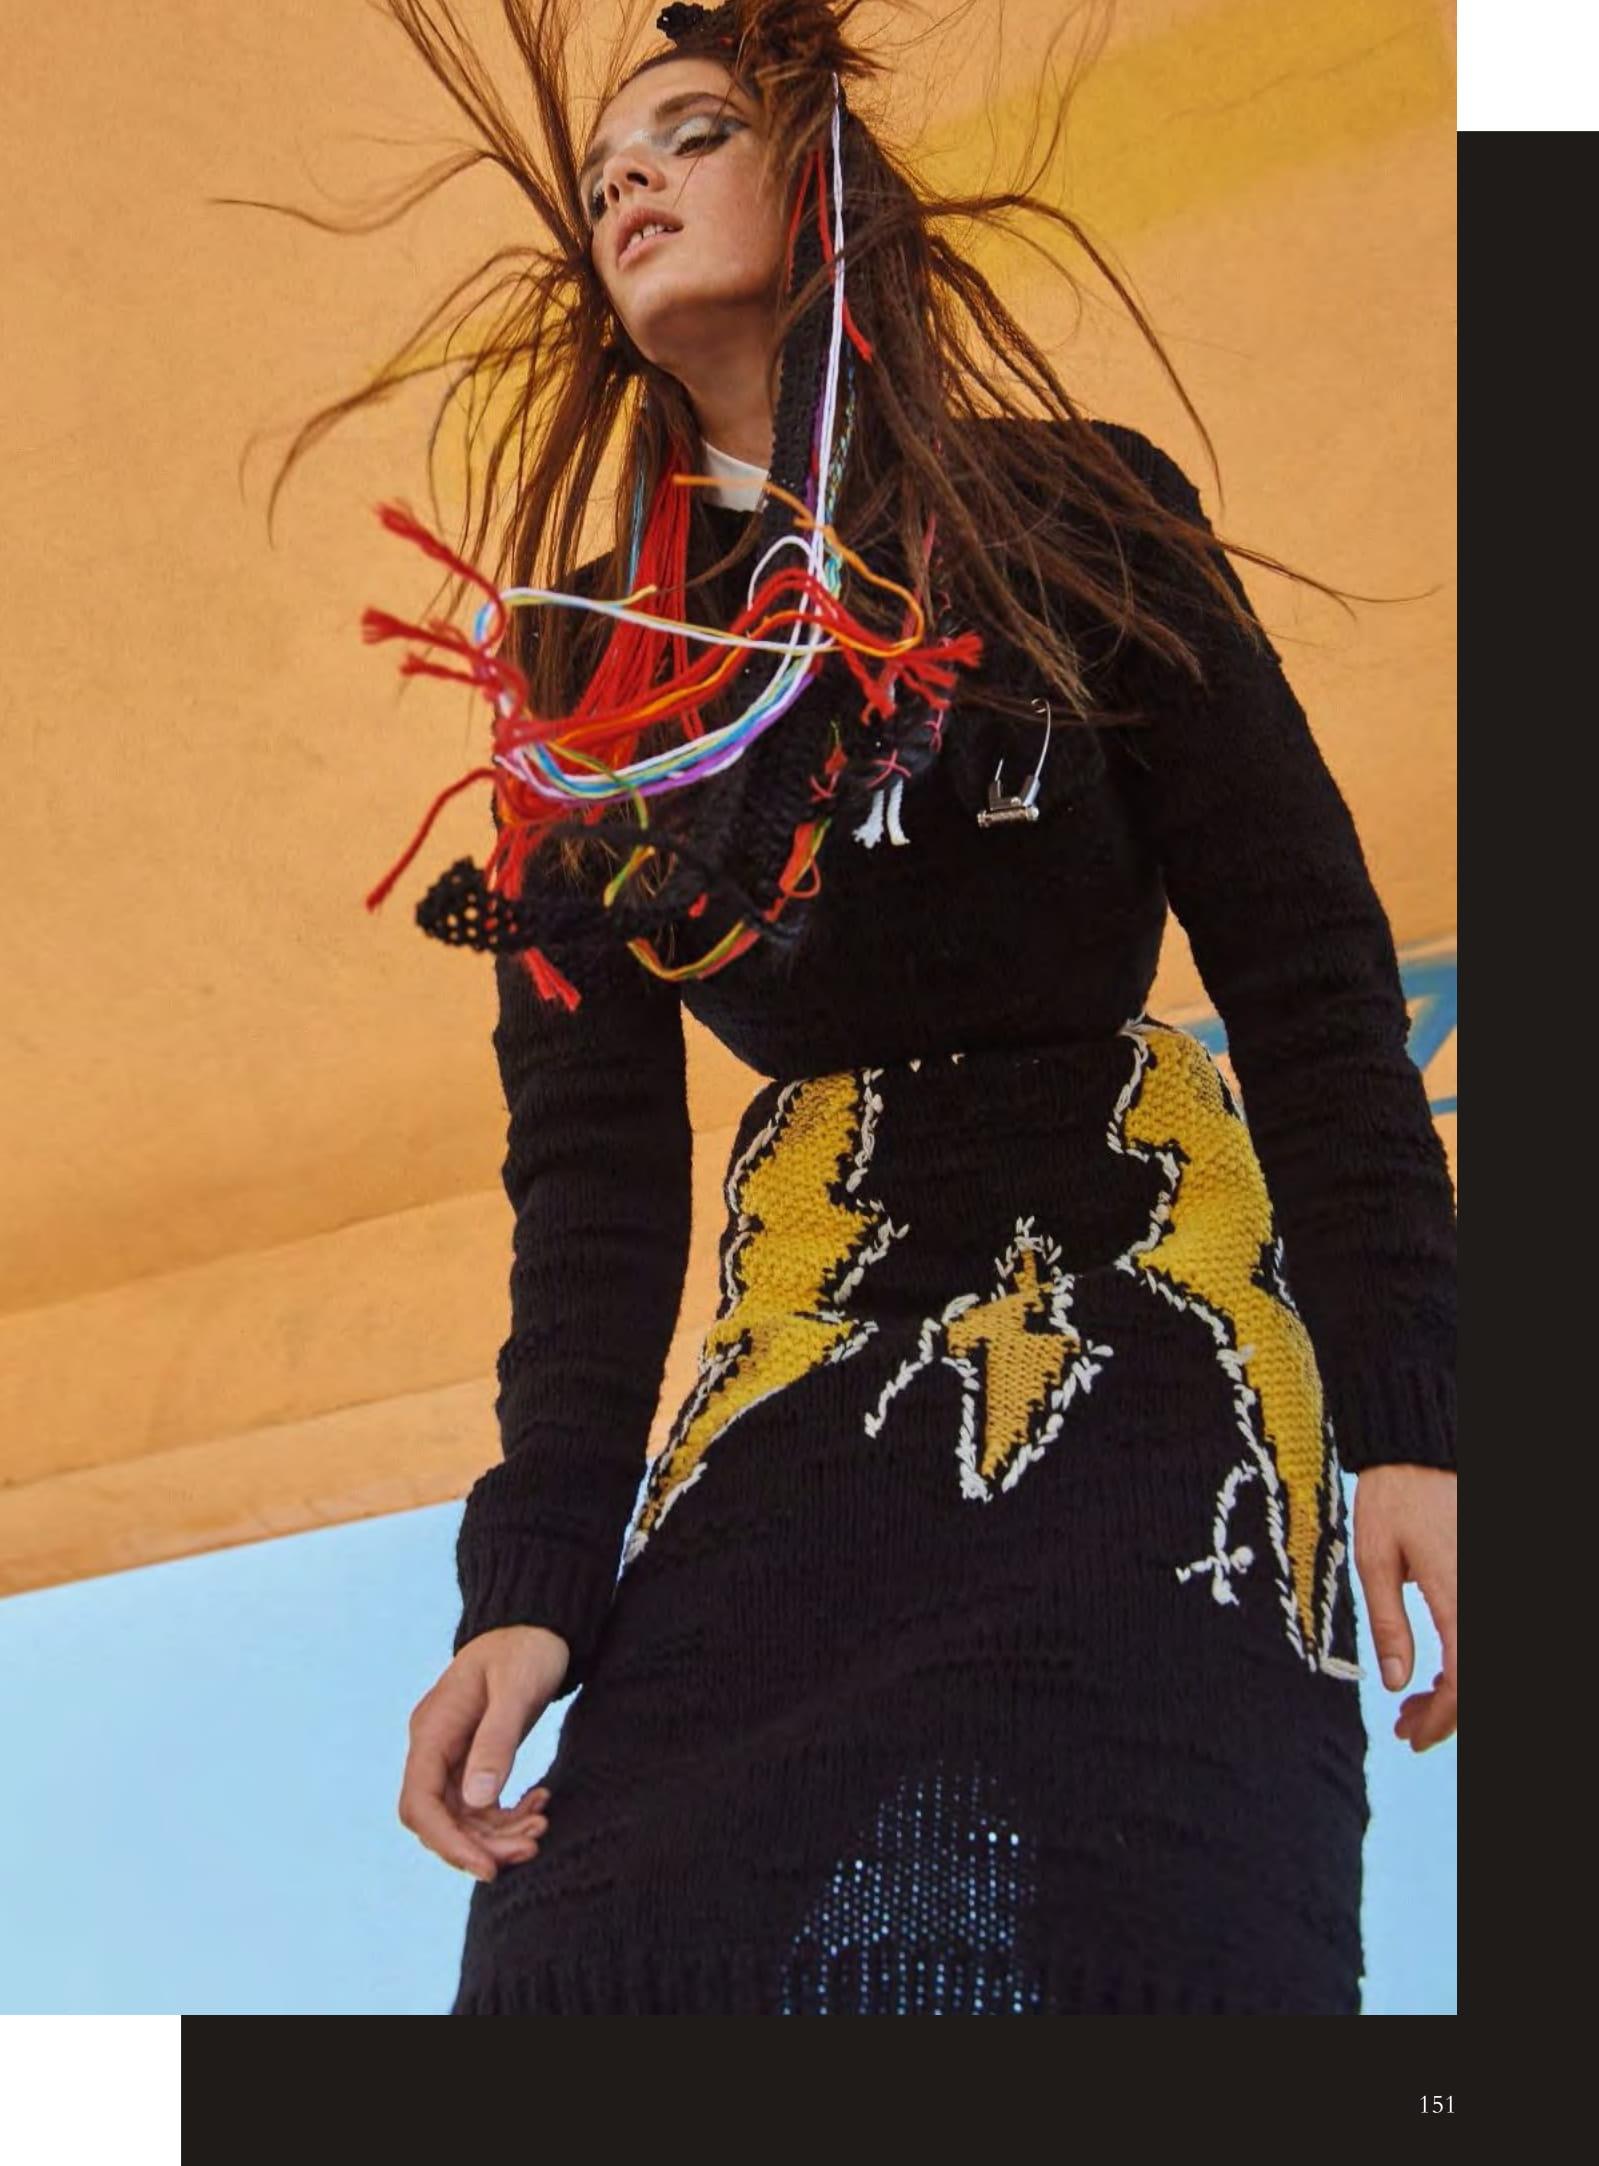 Leila Goldkuhl by Regan Cameron for Harper's Bazaar Germany September 2019 (5).jpg